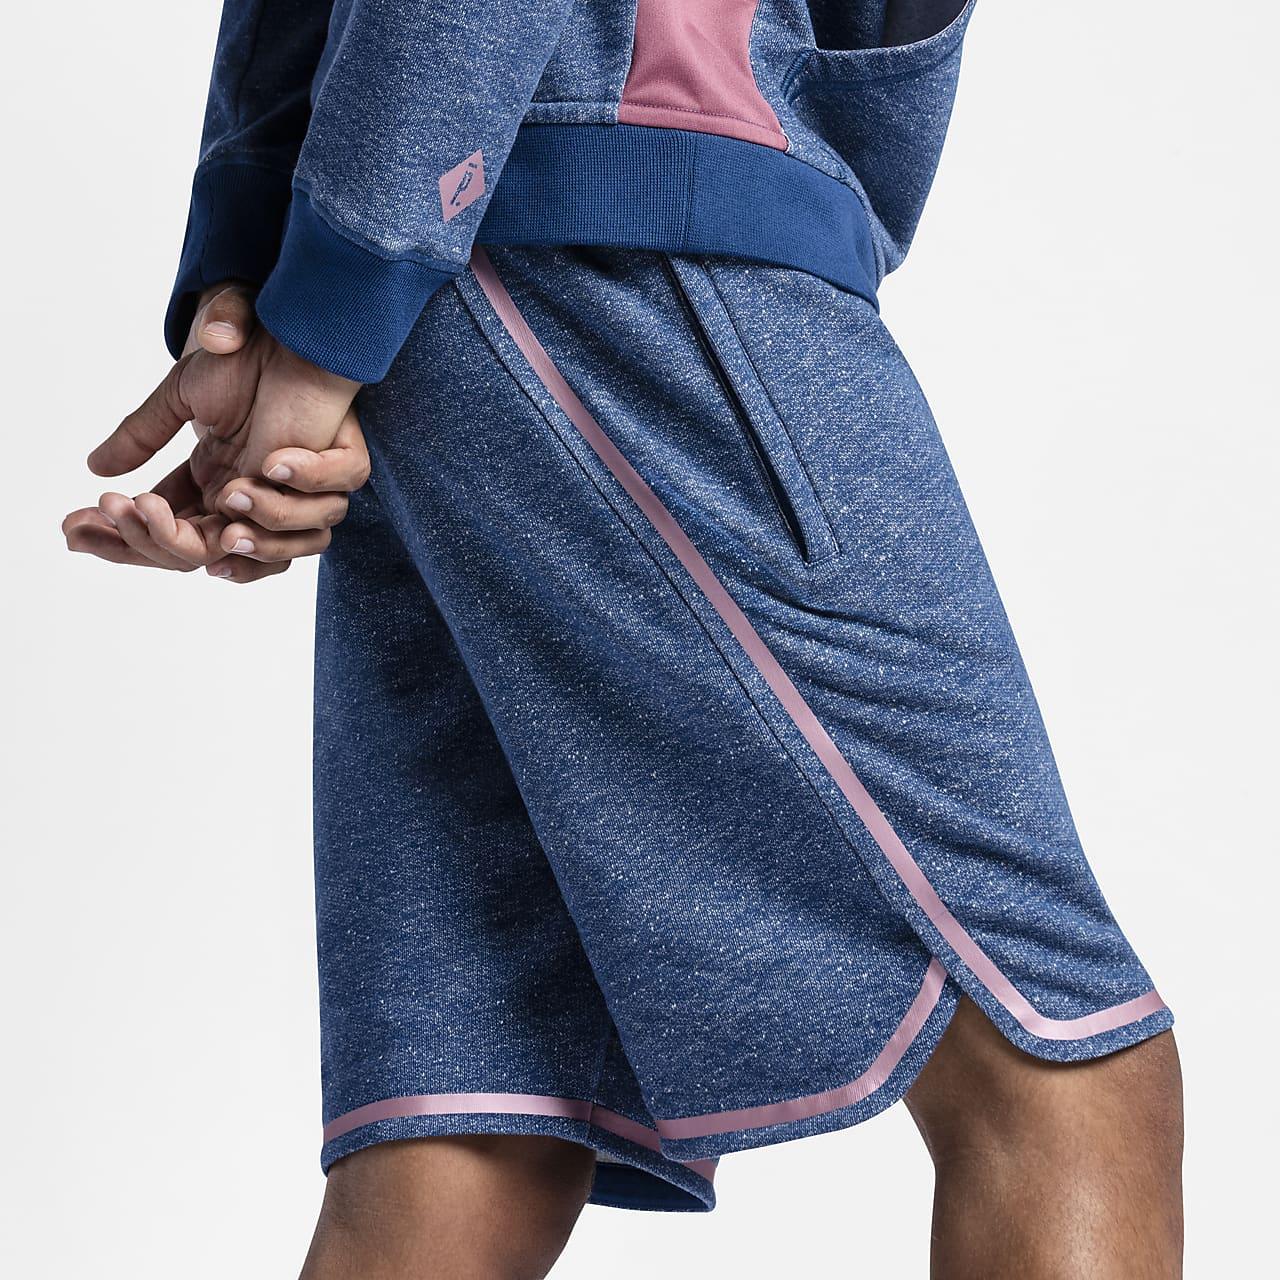 NikeLab x Pigalle 篮球短裤